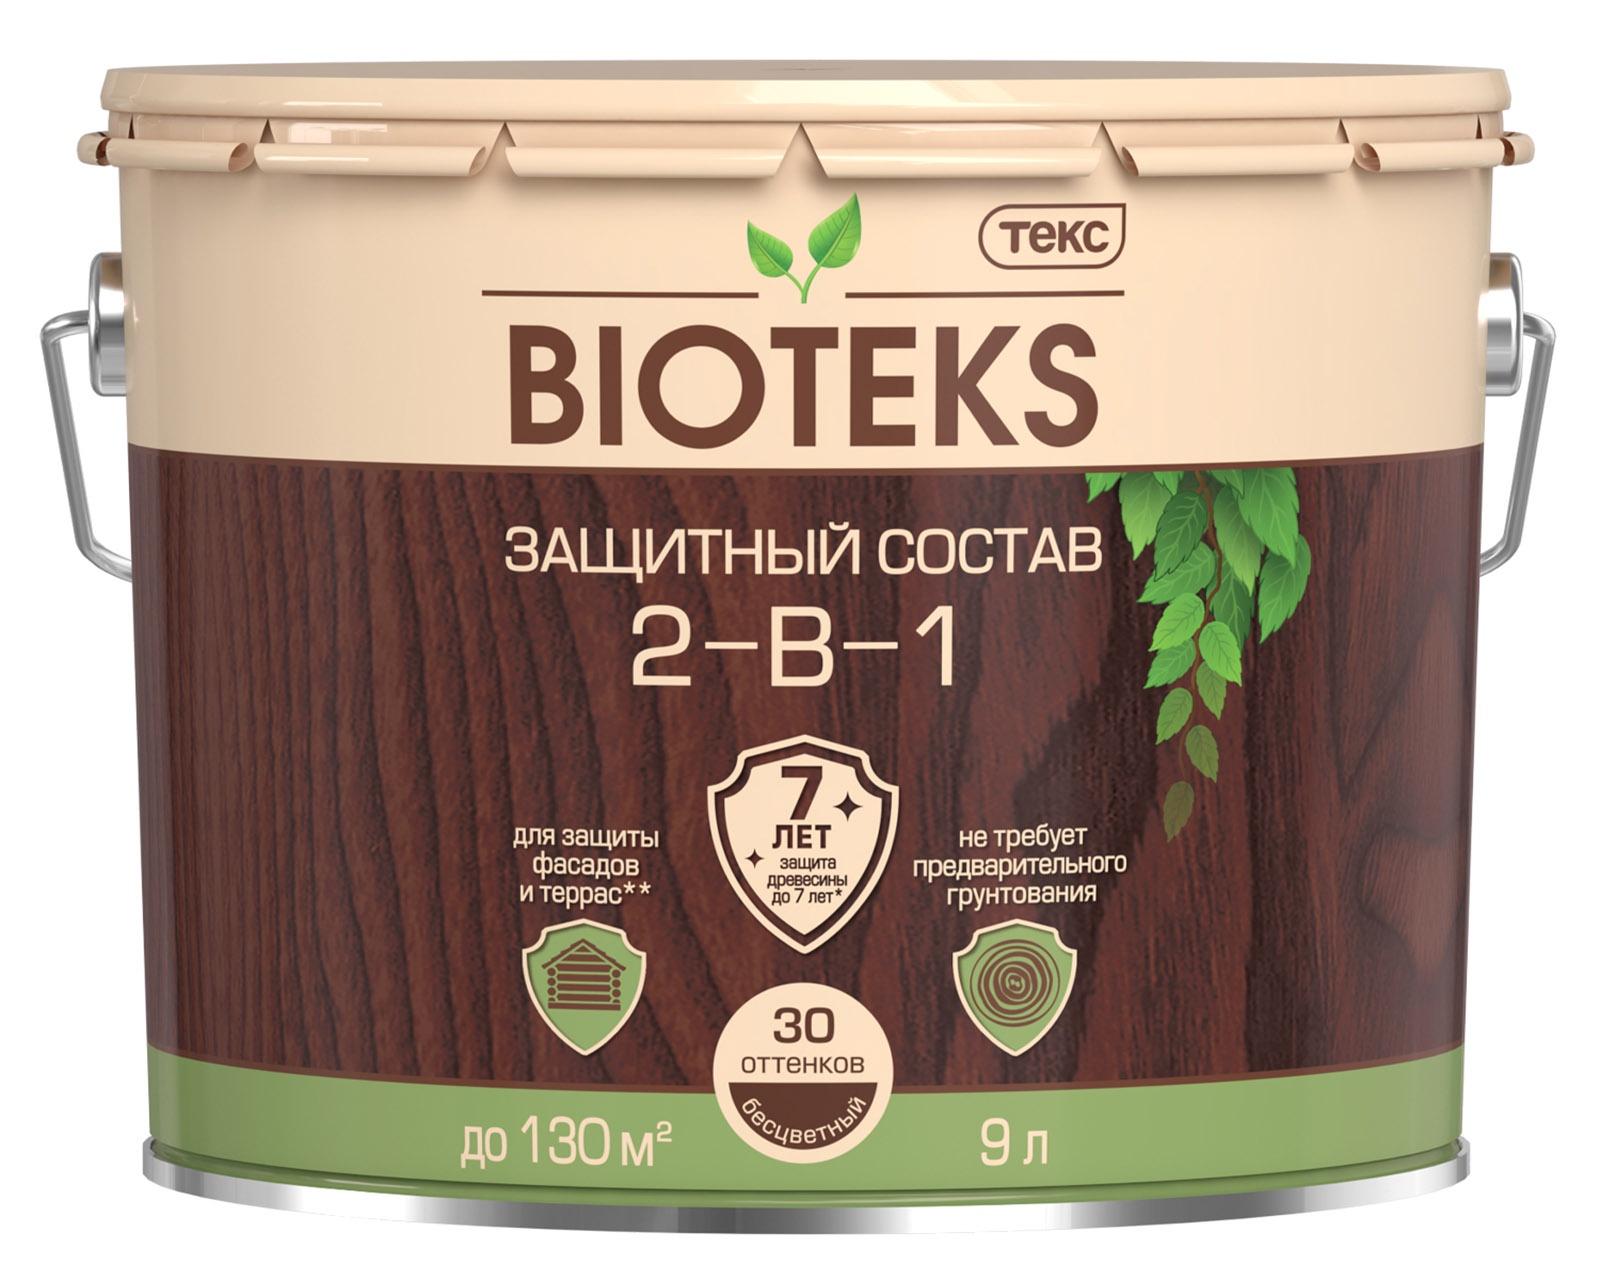 Фото пропитки Биотекс